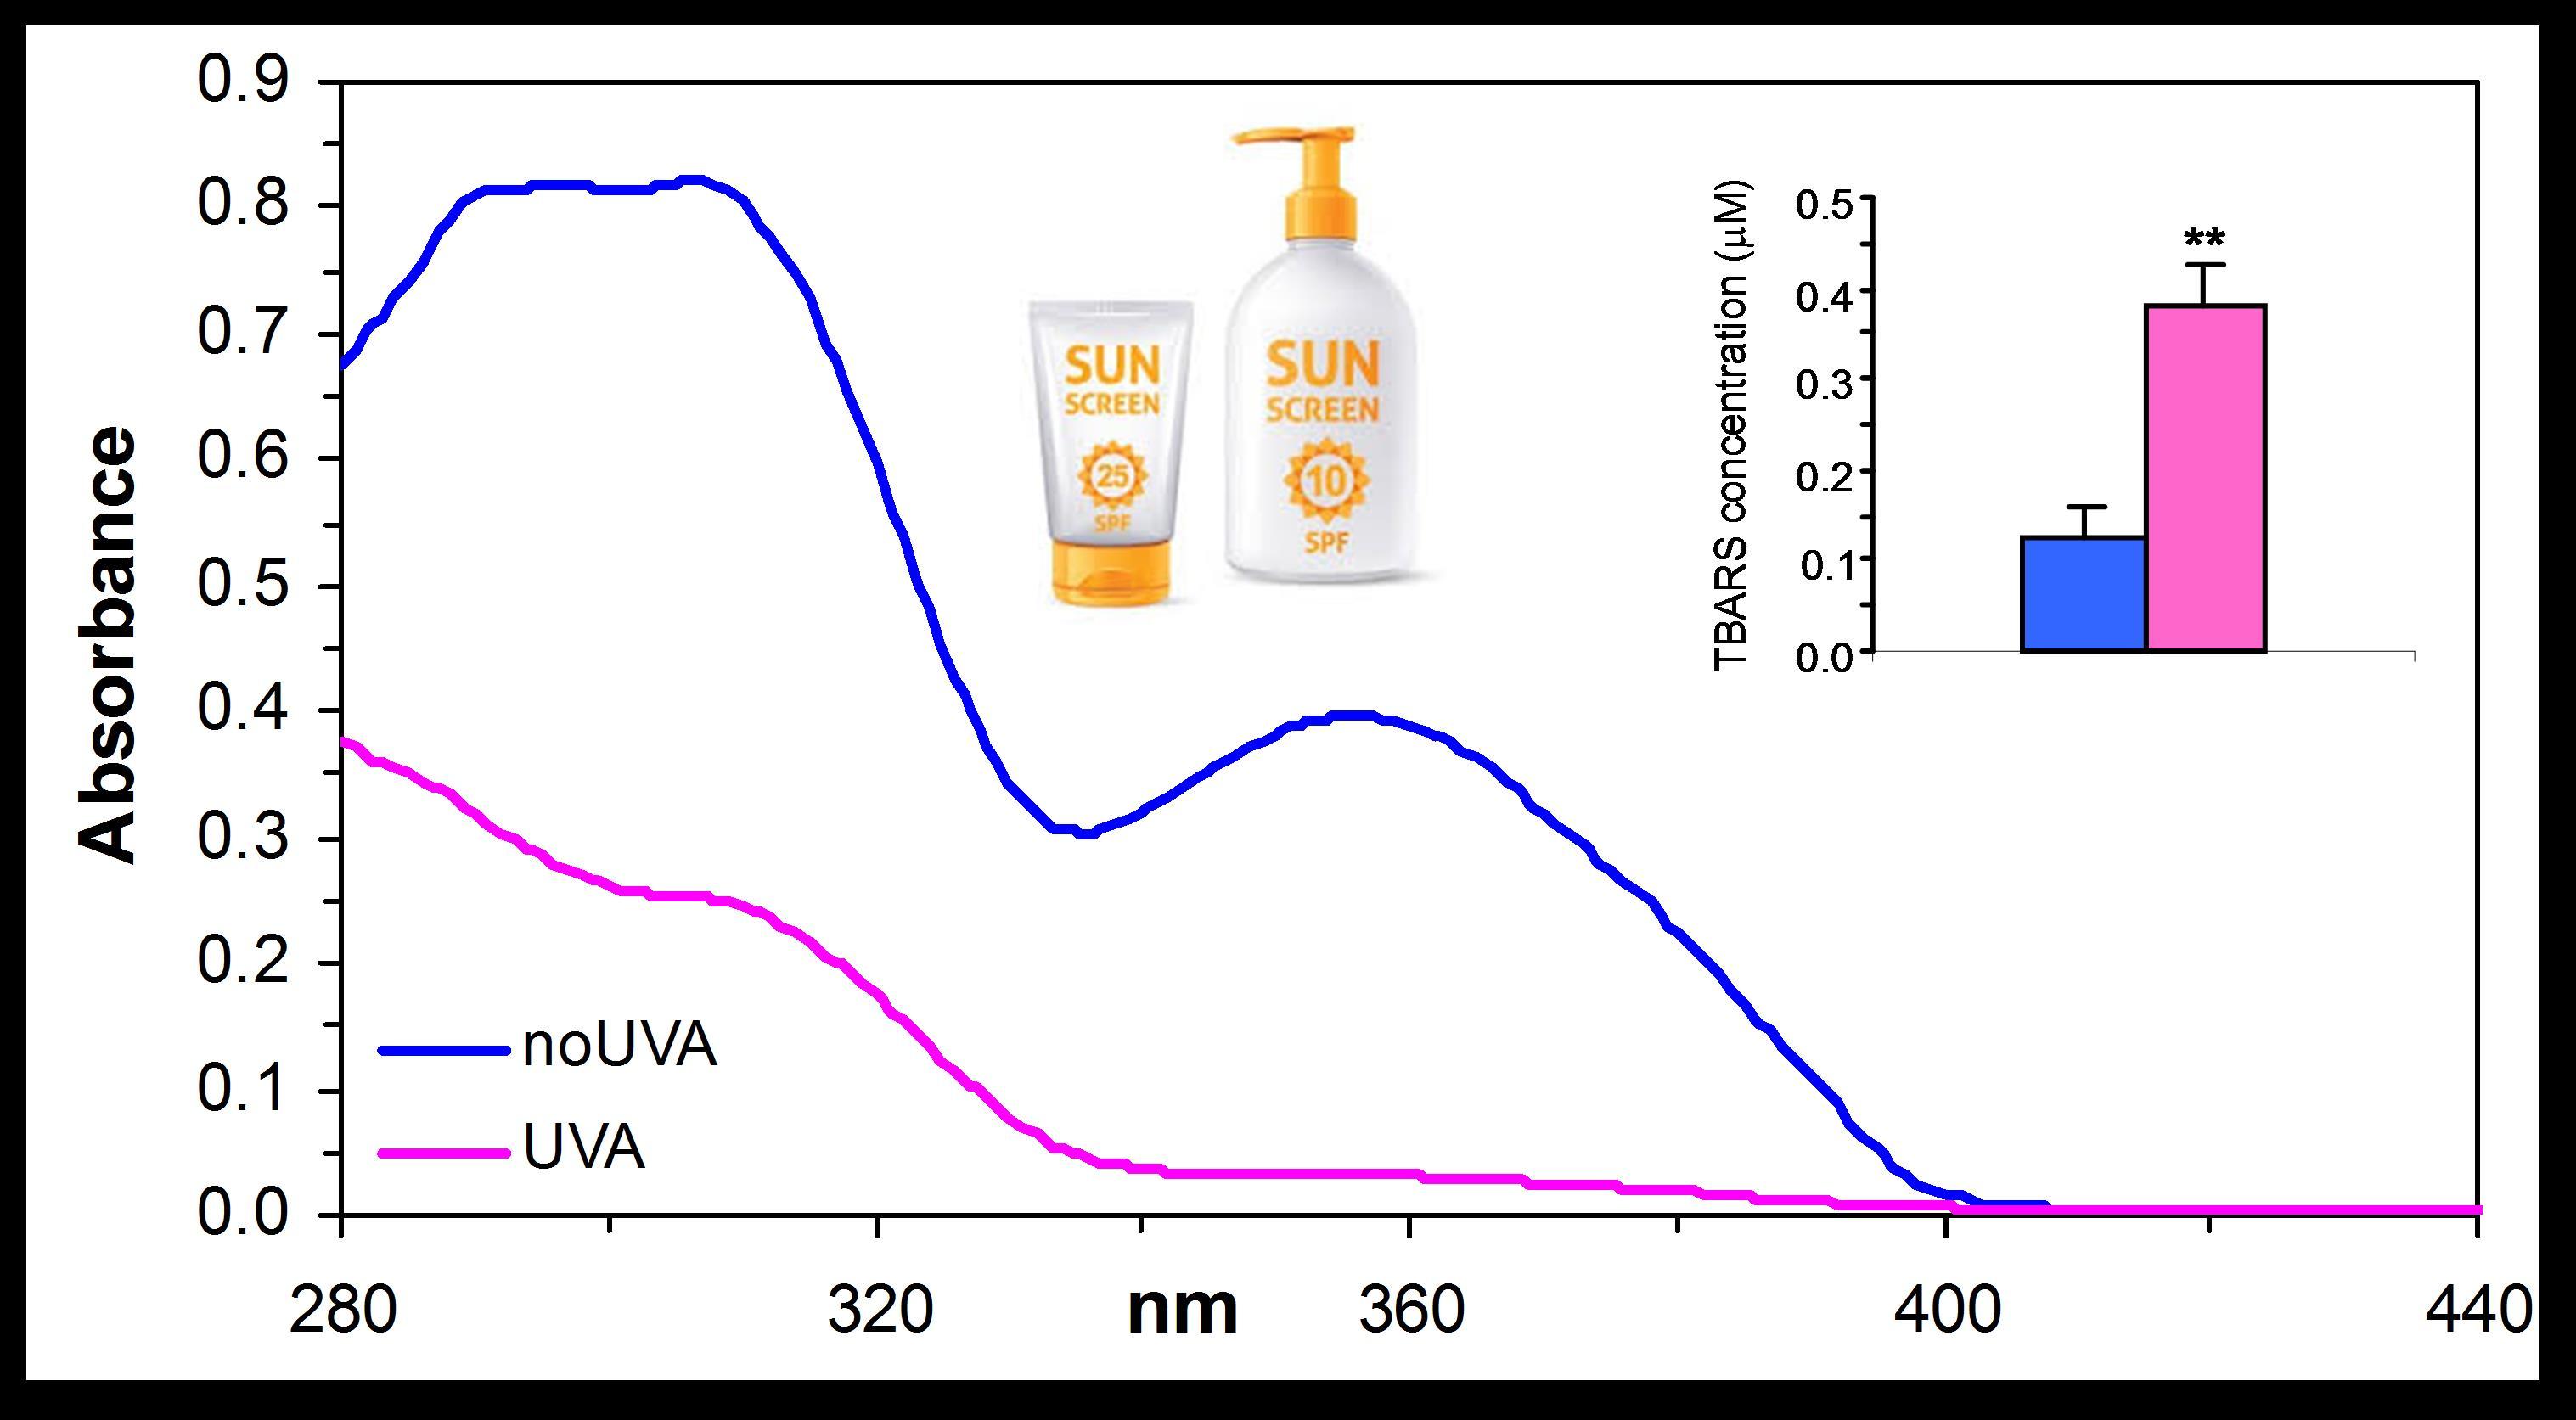 Spettri di assorbanza di crema solare prima e dopo   l'esposizione agli UVA